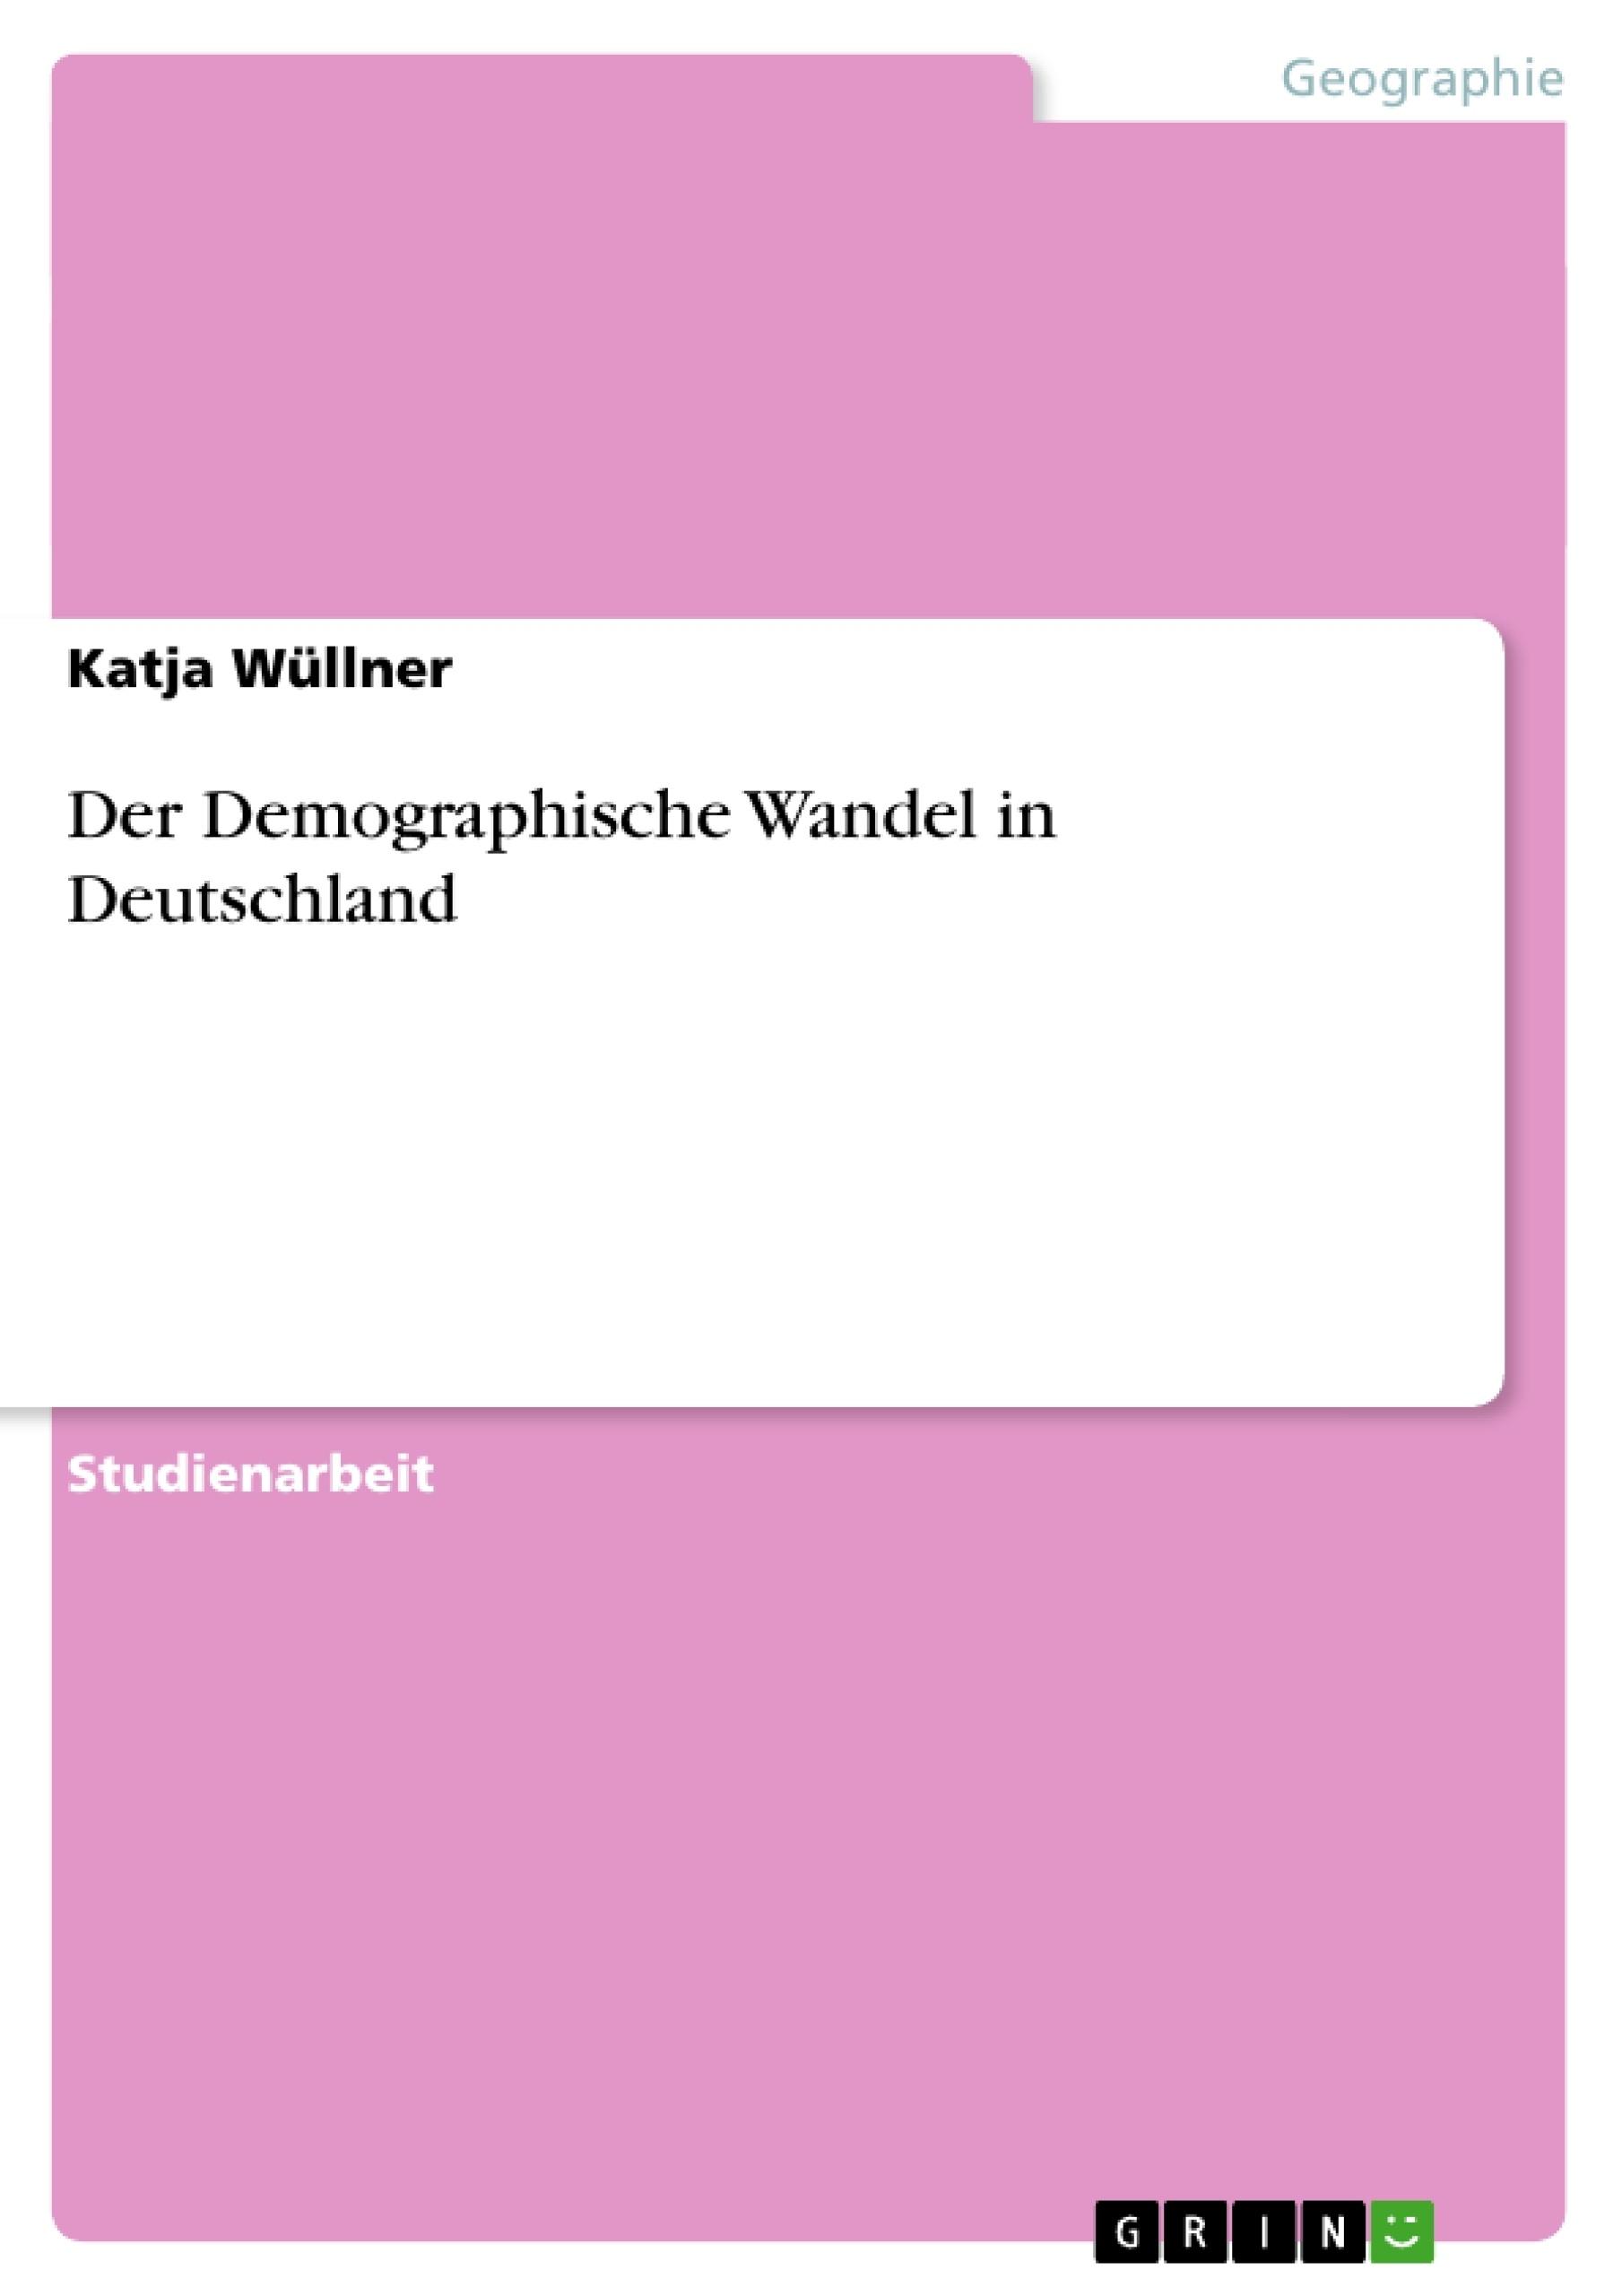 Titel: Der Demographische Wandel in Deutschland